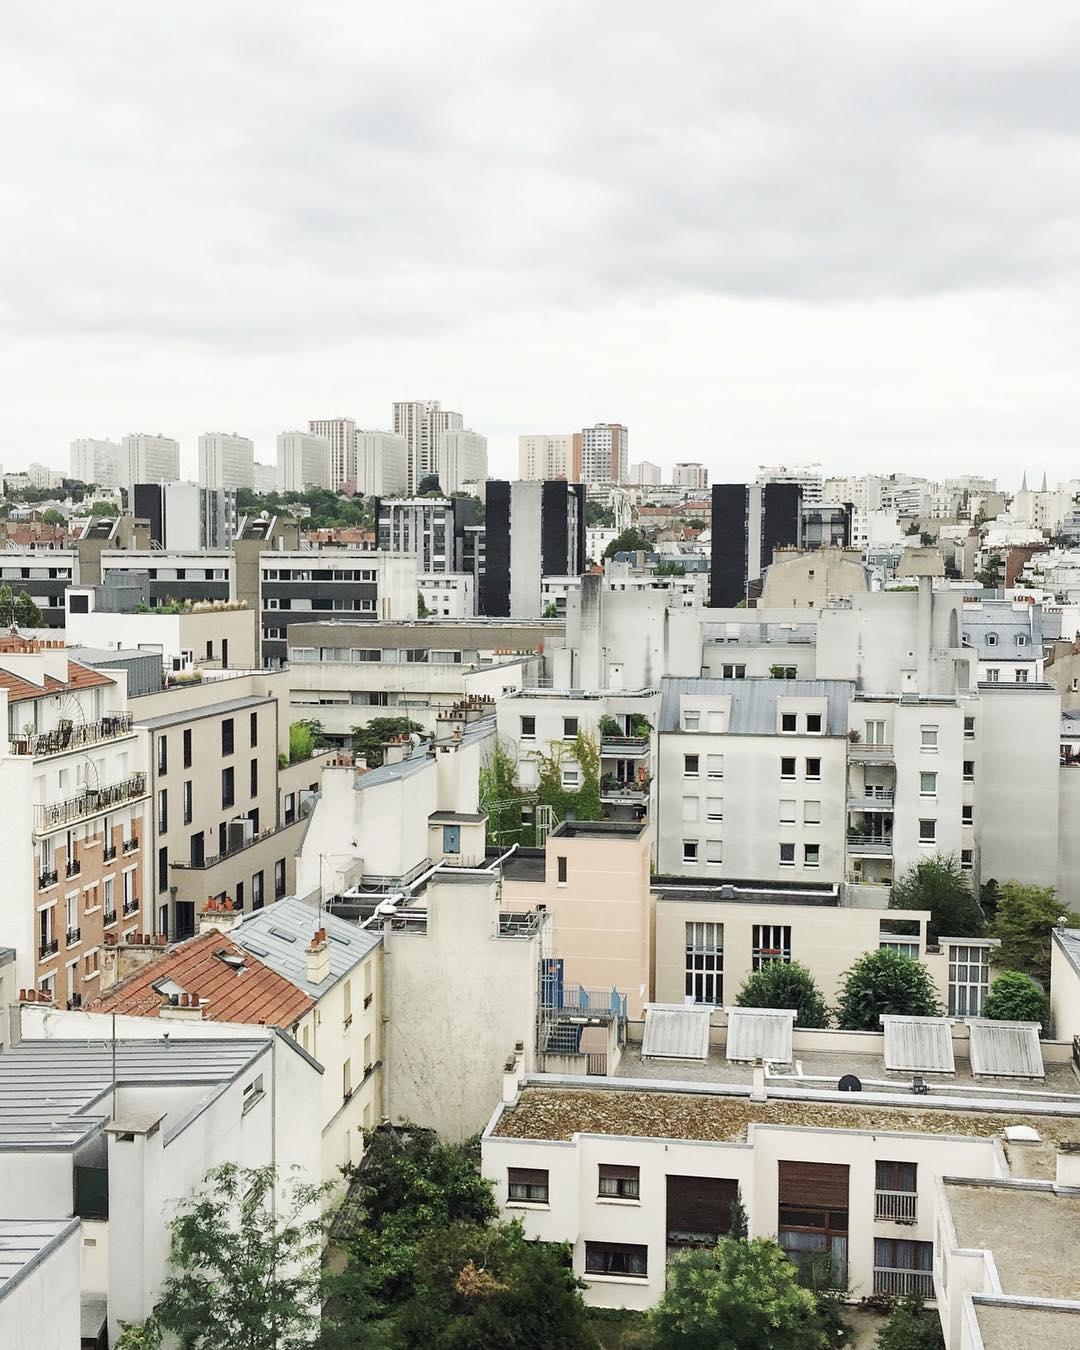 paris-france-city-view